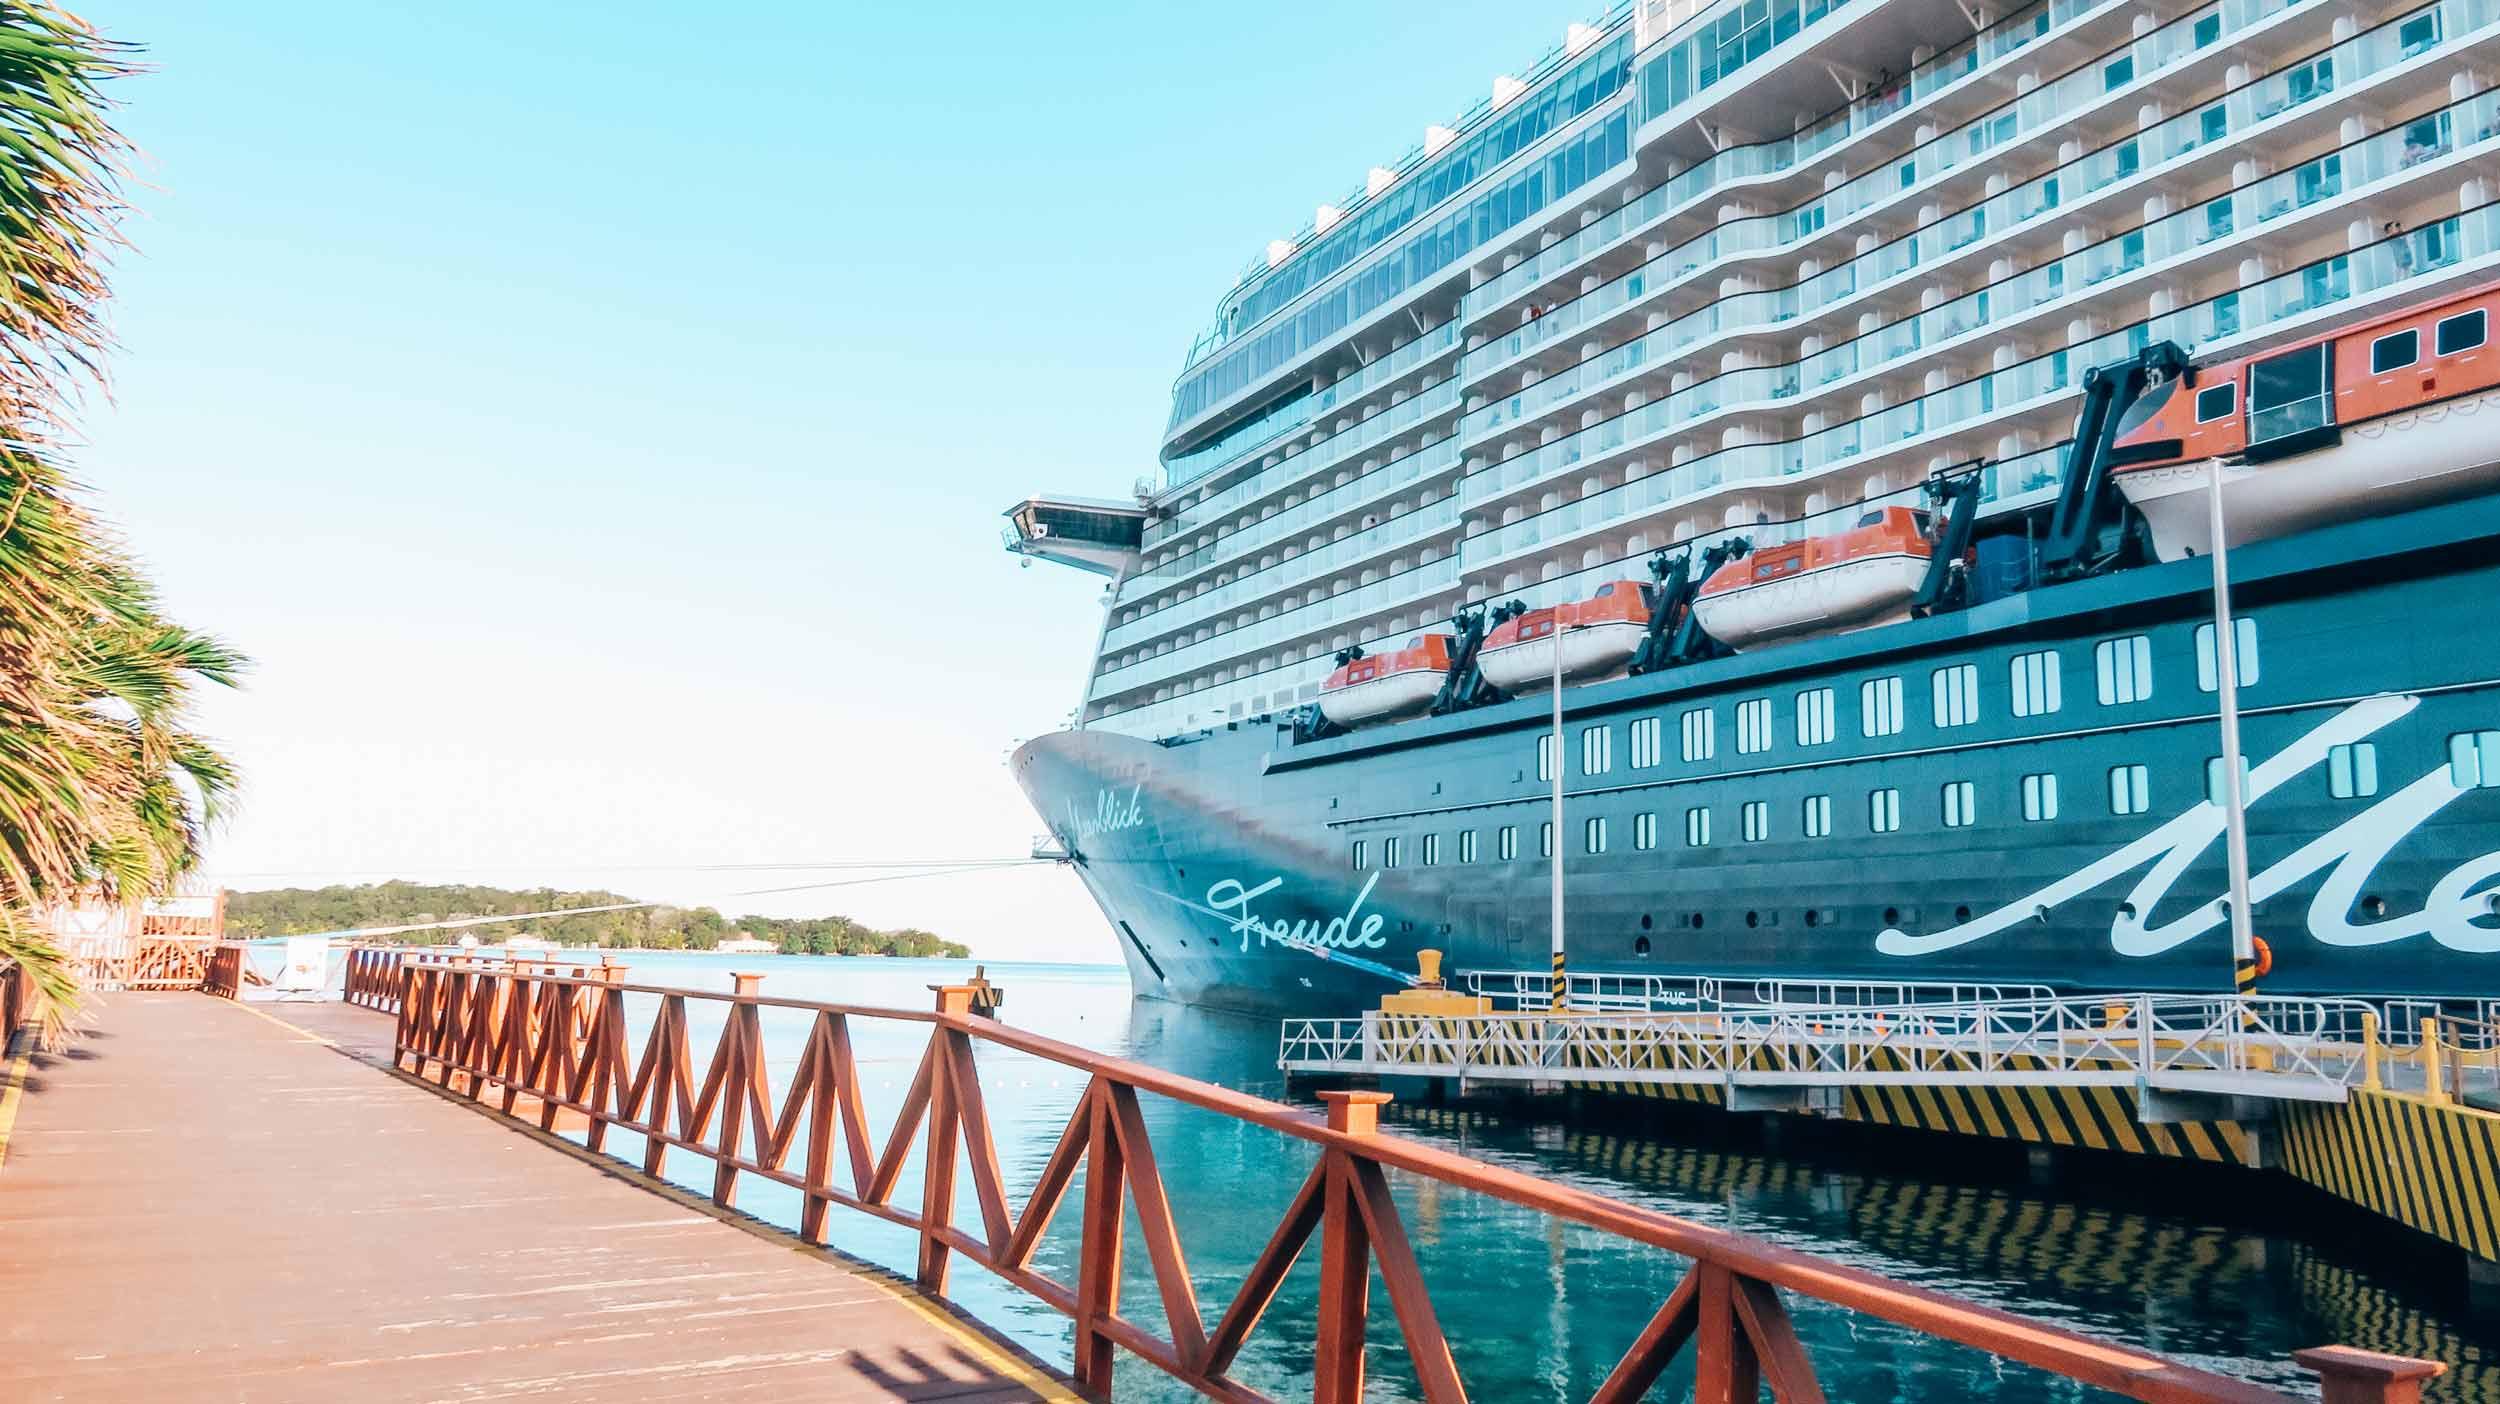 Mittelamerika-Kreuzfahrt-Roatan-Honduras-Mein-Schiff-6-Hafen-2